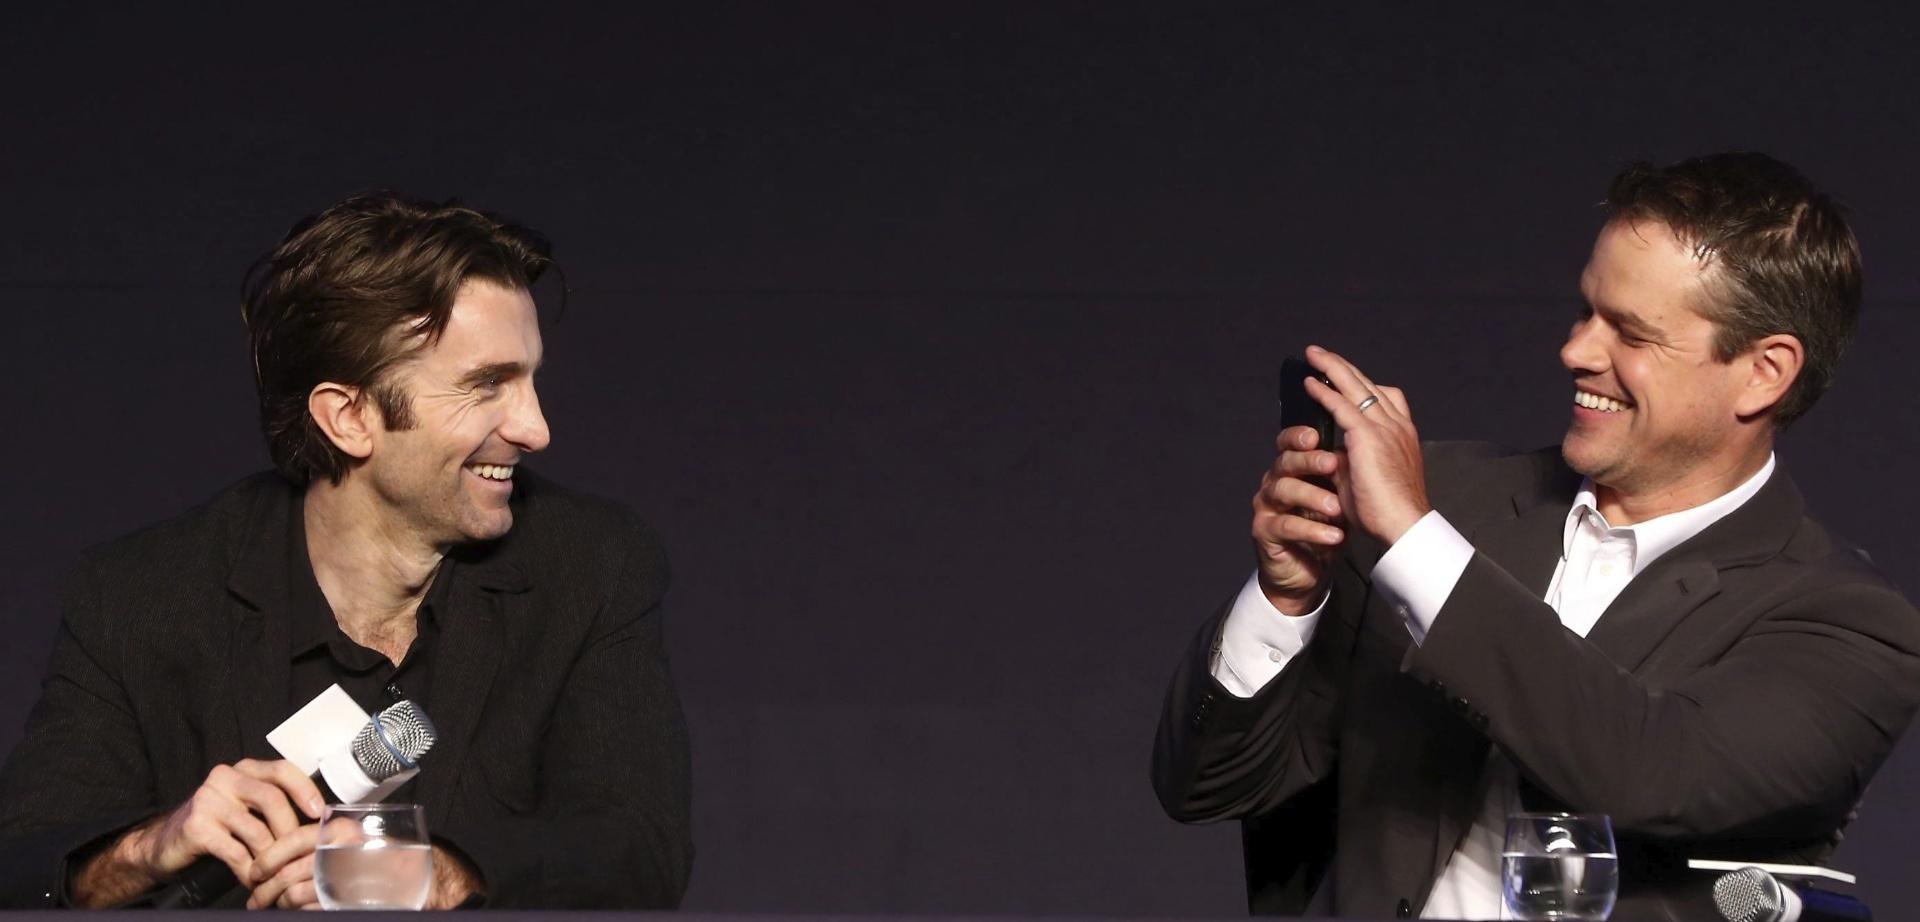 14.ago.2013 - Os atores Sharlto Copley e Matt Damon, protagonistas de